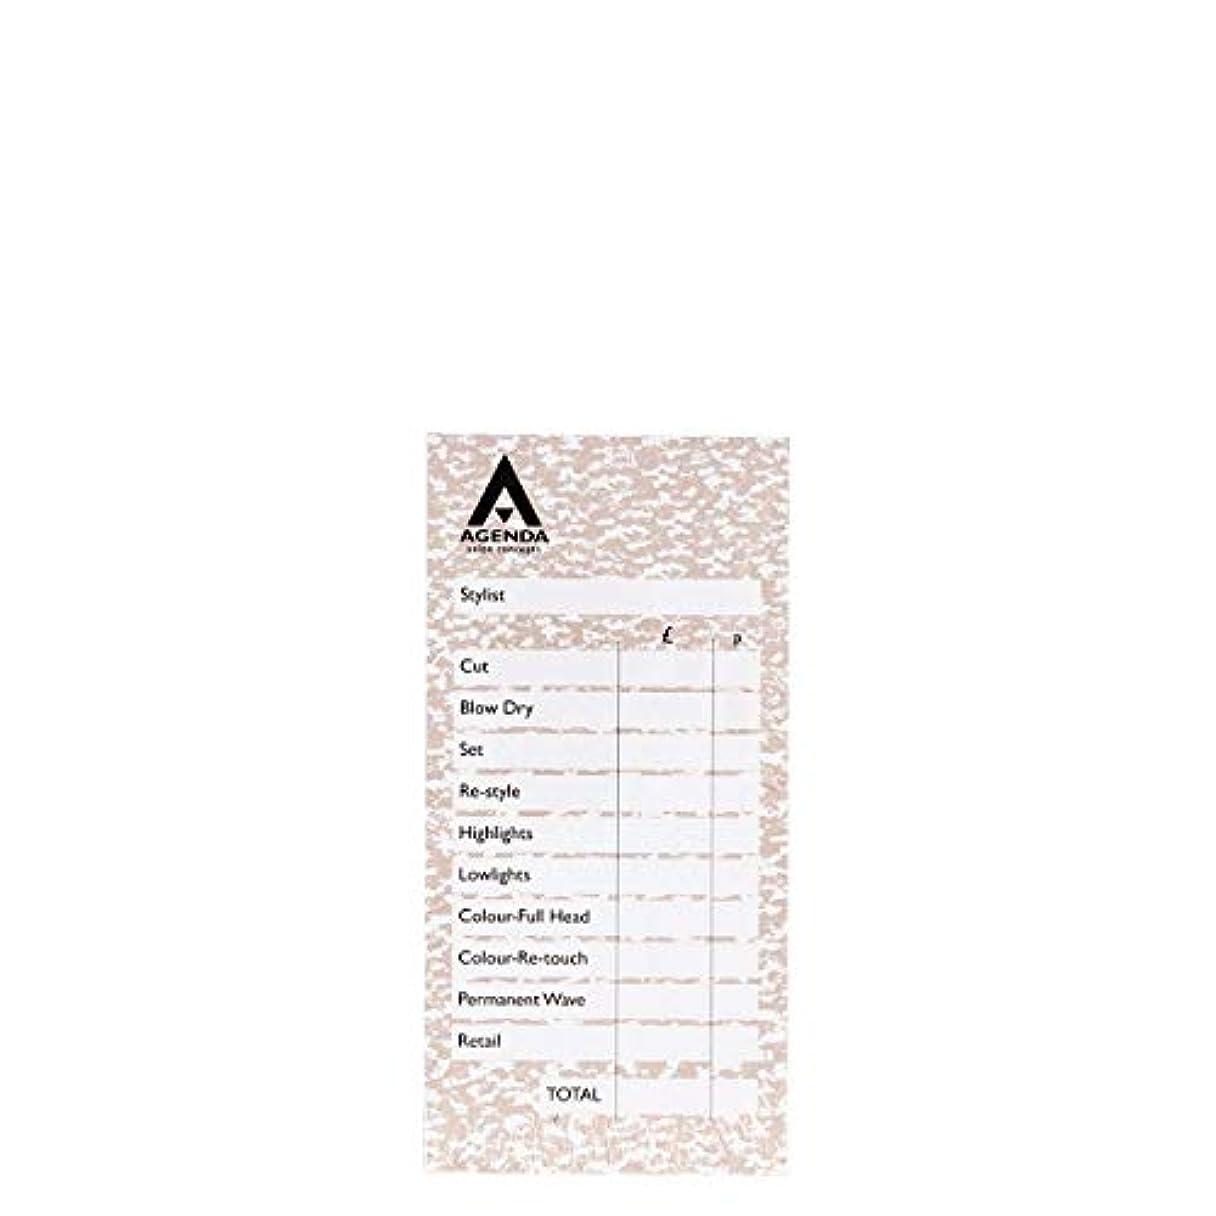 亜熱帯トマトエスカレートアジェンダ サロンコンセプト チェックパッドベージュ6x100リーフ[海外直送品] [並行輸入品]